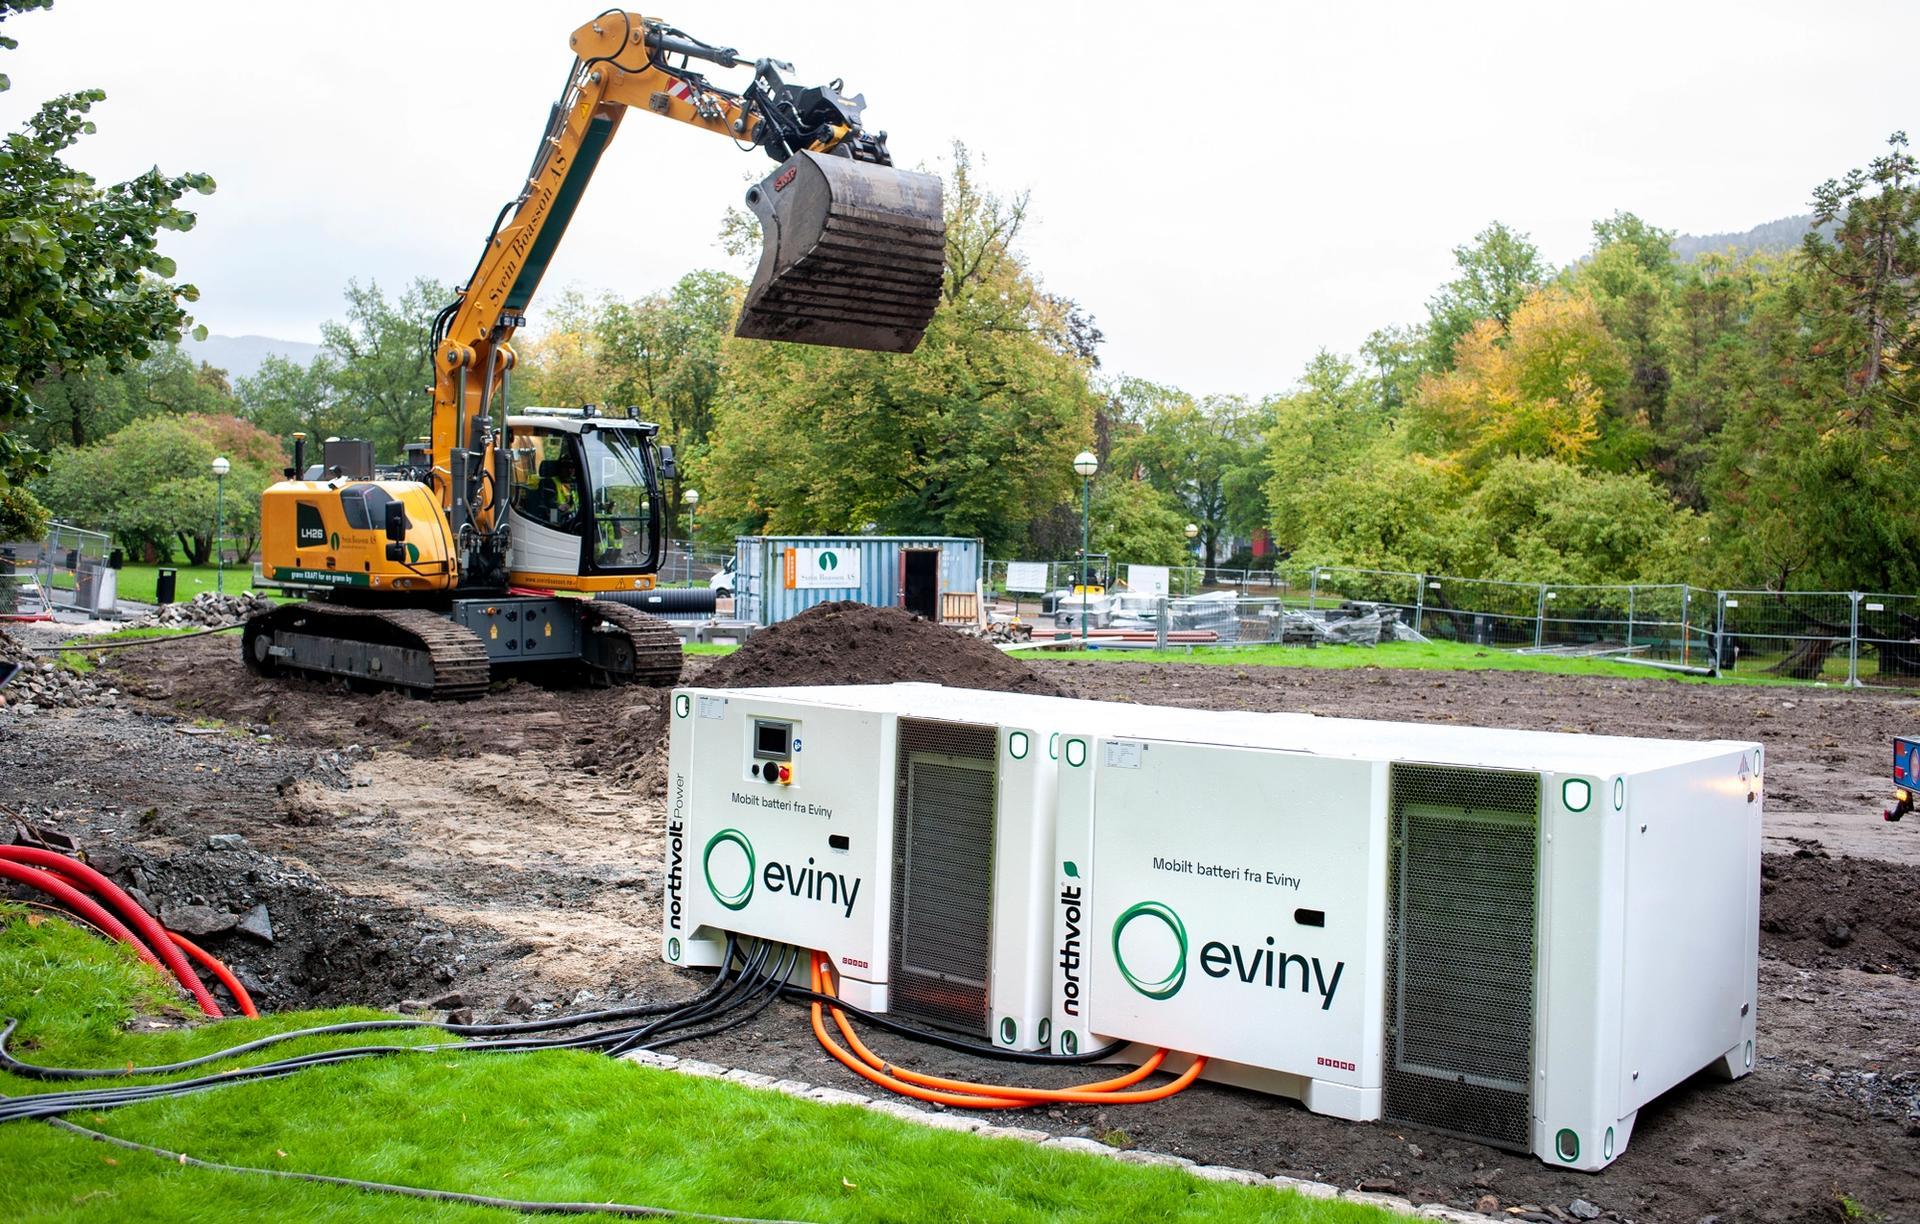 Den første testen ble nylig gjennomført med en kablet elektrisk gravemaskin i Nygårdsparken i Bergen. Fremover vil BKK teste det nye batterisystemet hos kunder med ulike behov.